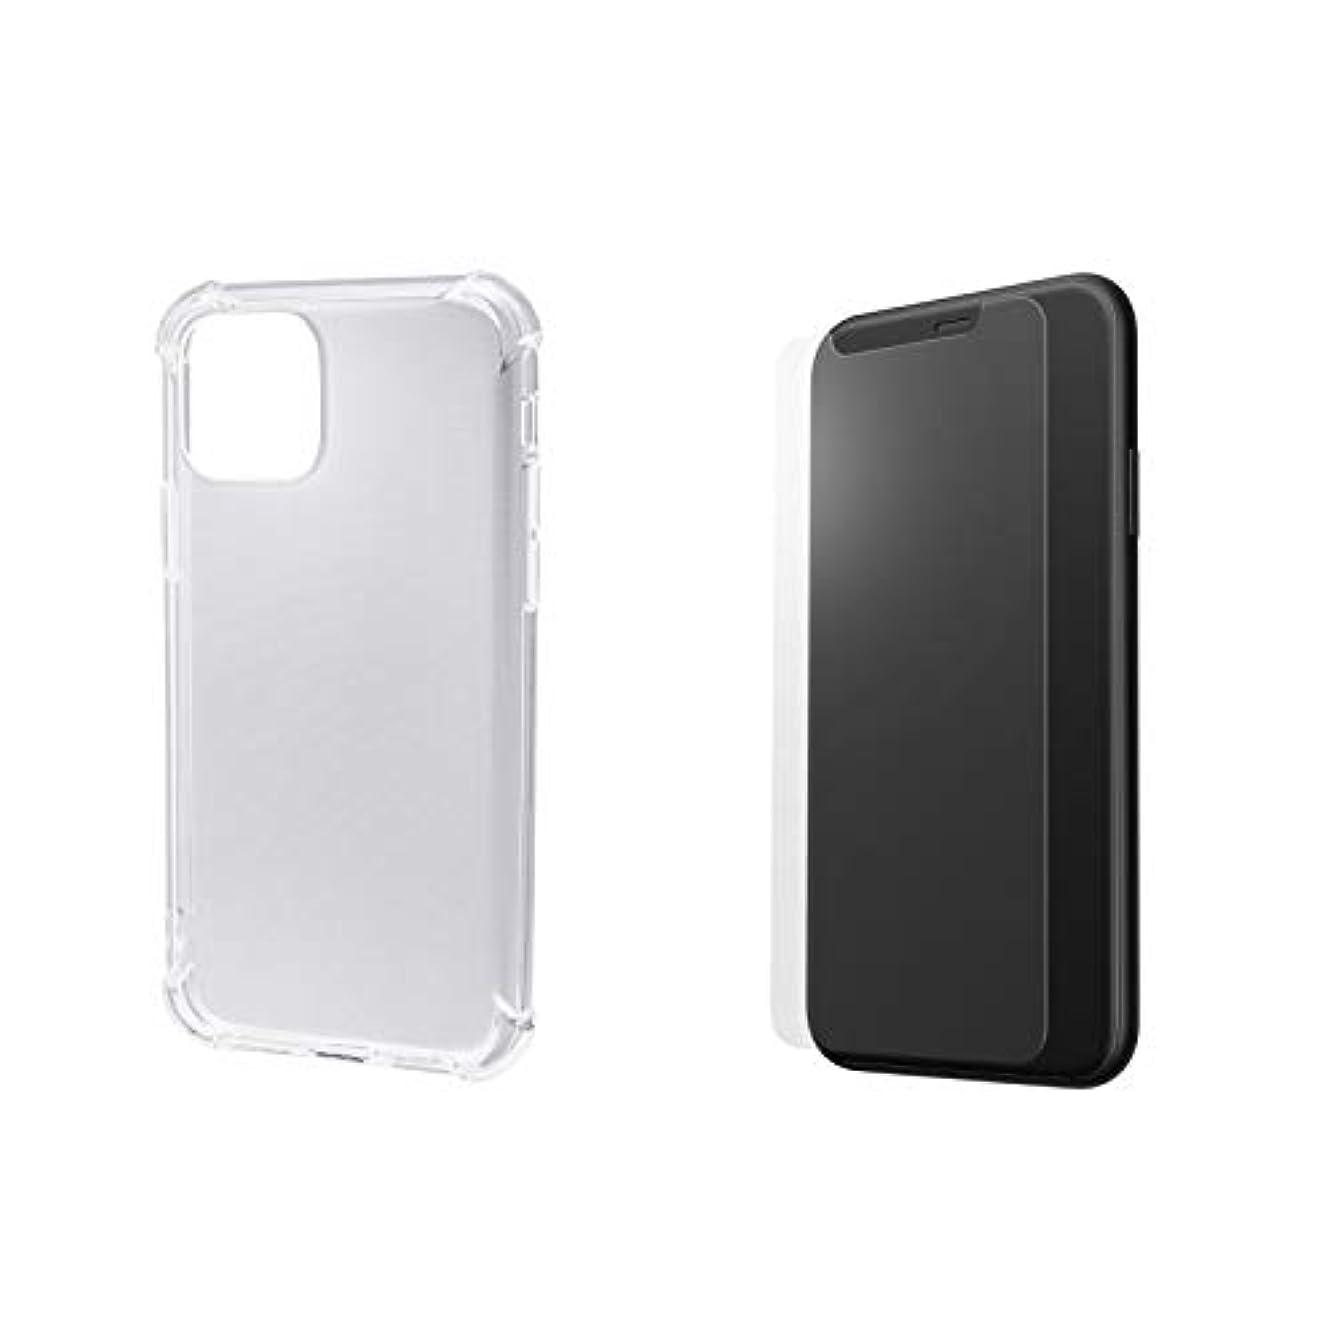 社会神学校自体【返金保証付き】2019 iPhone 11シリーズ 対応 TPUクリアケース カバー 液晶保護ガラス セット (11 Pro)